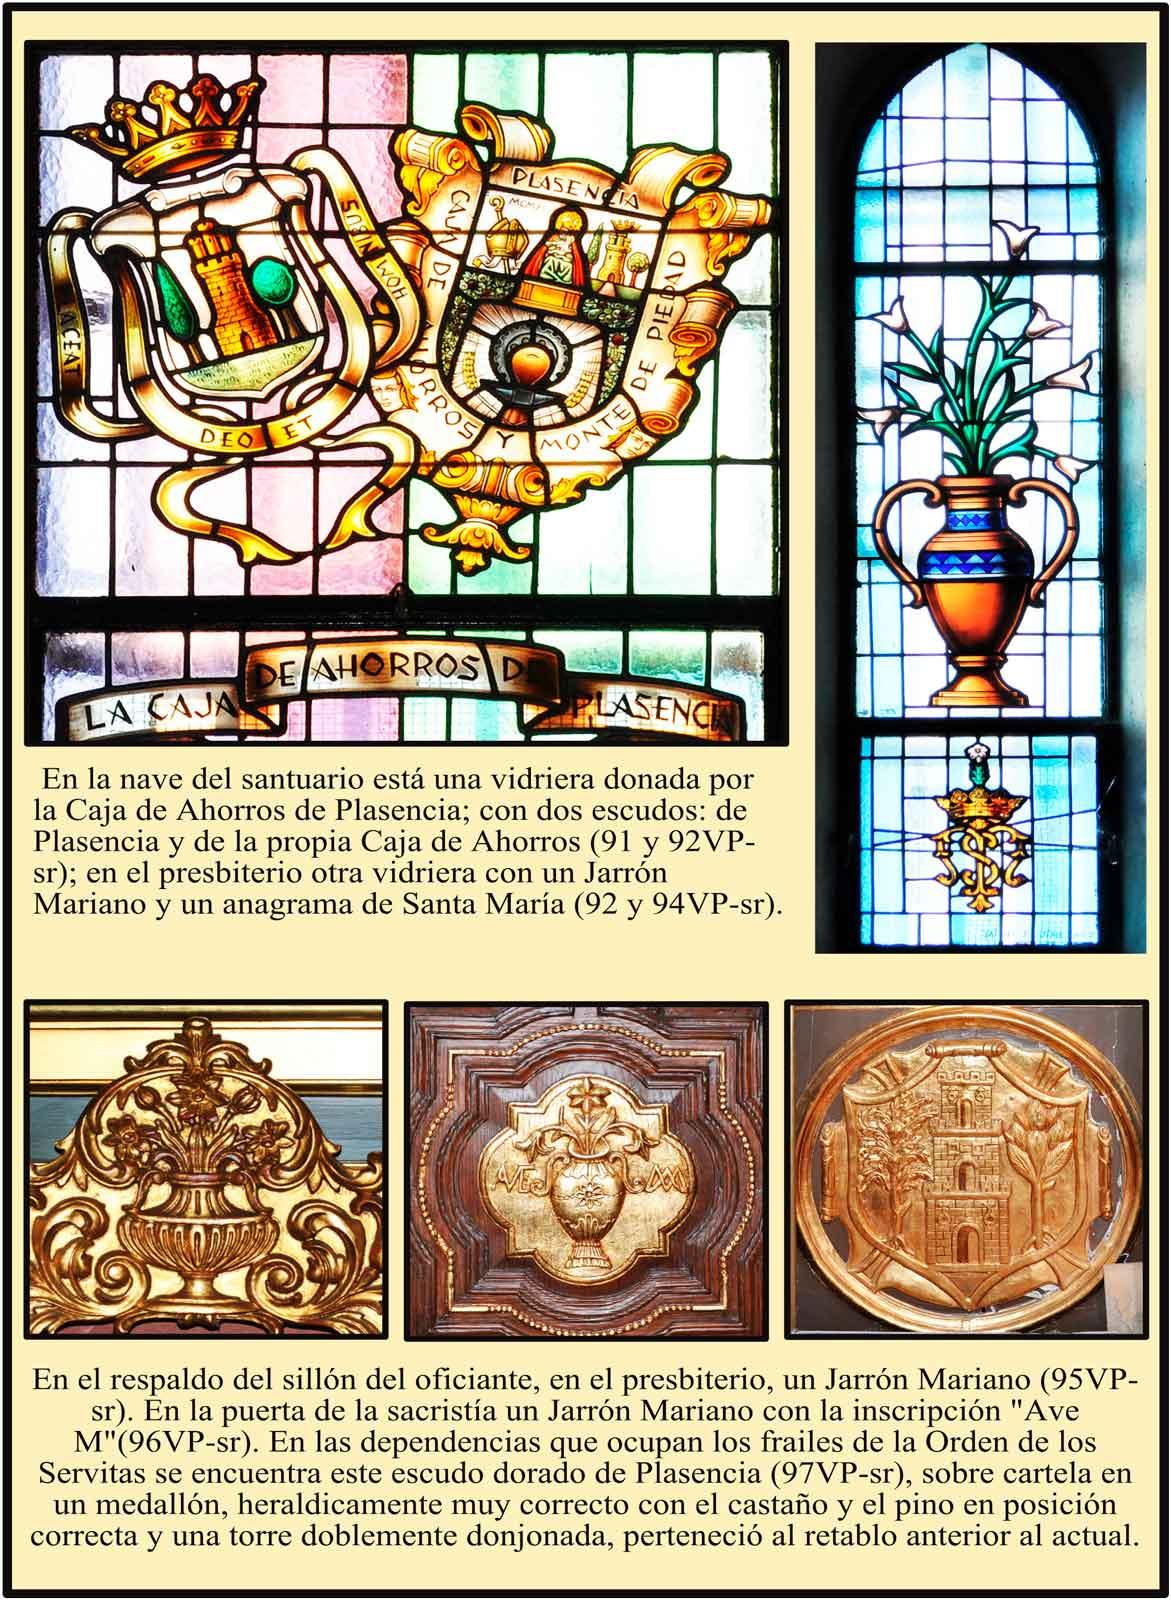 Vidriera con la heraldica de la Caja de Ahorros de Plasencia. Otros simbolos marianos